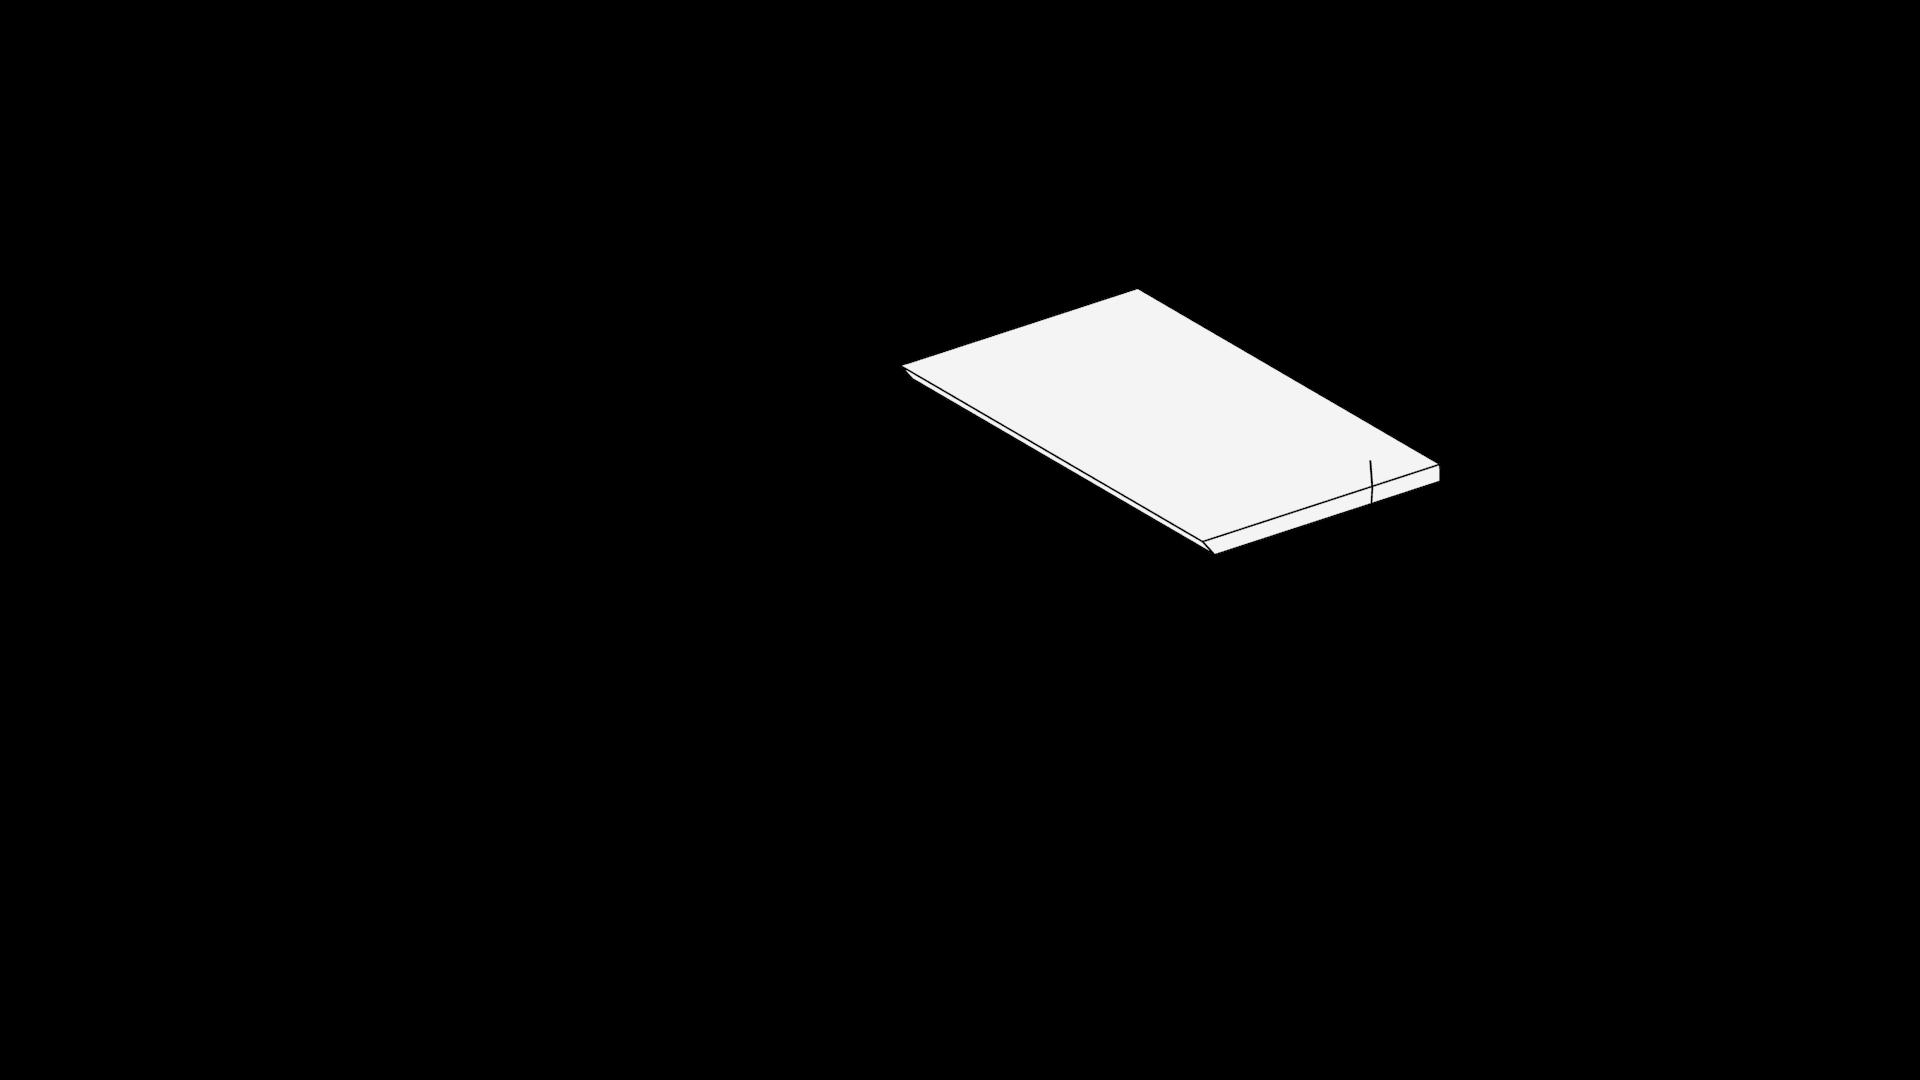 minicase/blueprints/minicase_E.png